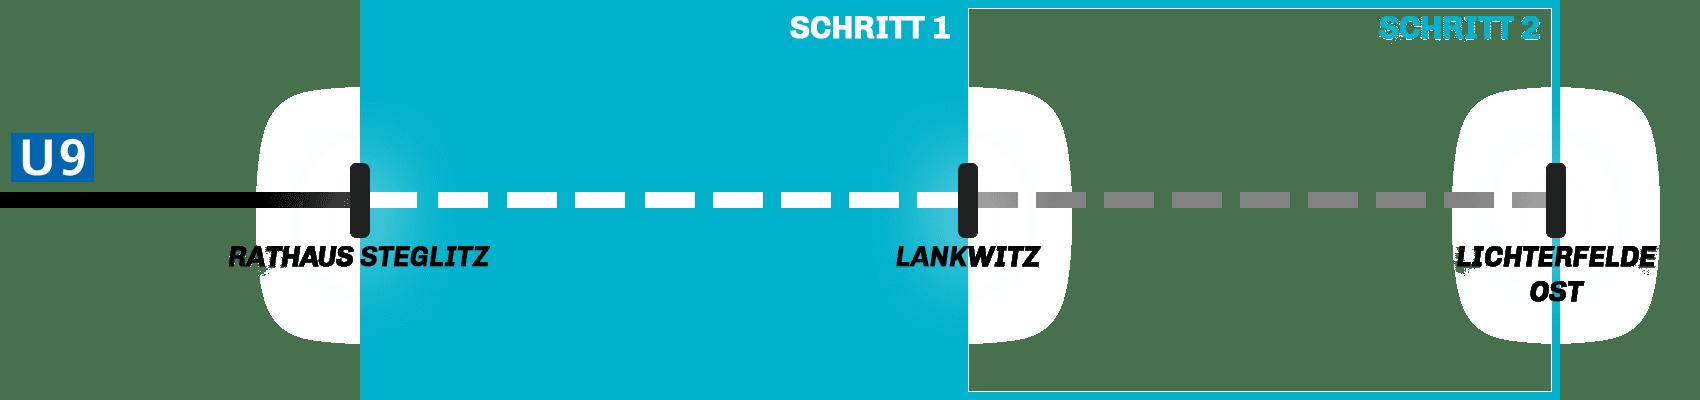 LichterfeldeOst-Erweiterung_U9